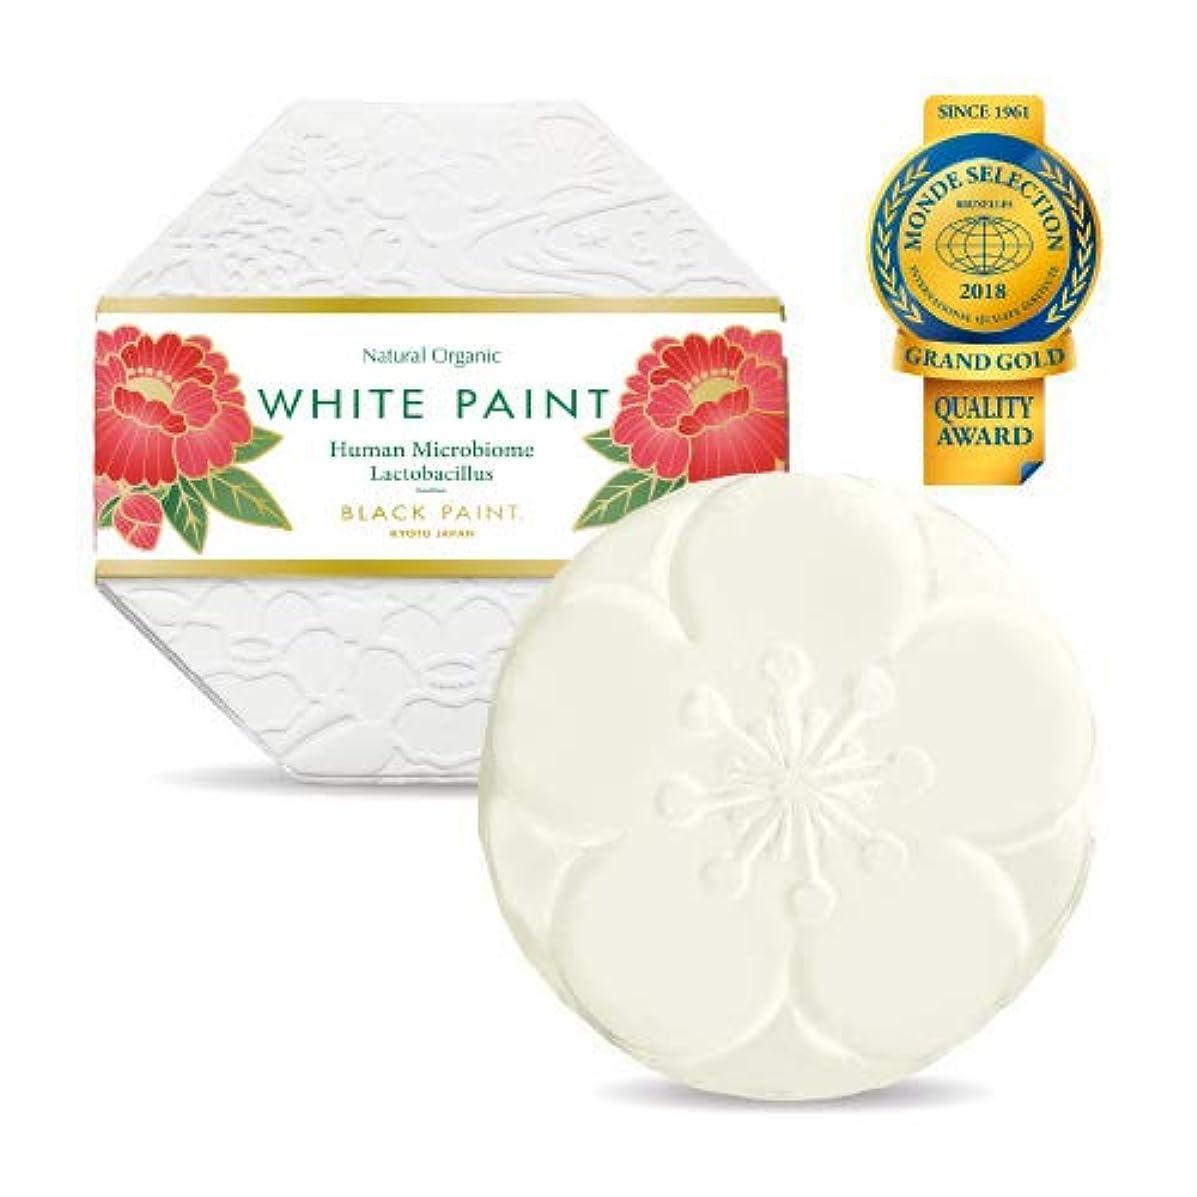 流晴れ単位プレミアム ホワイトペイント 120g 塗る洗顔 石鹸 無添加 国産 …